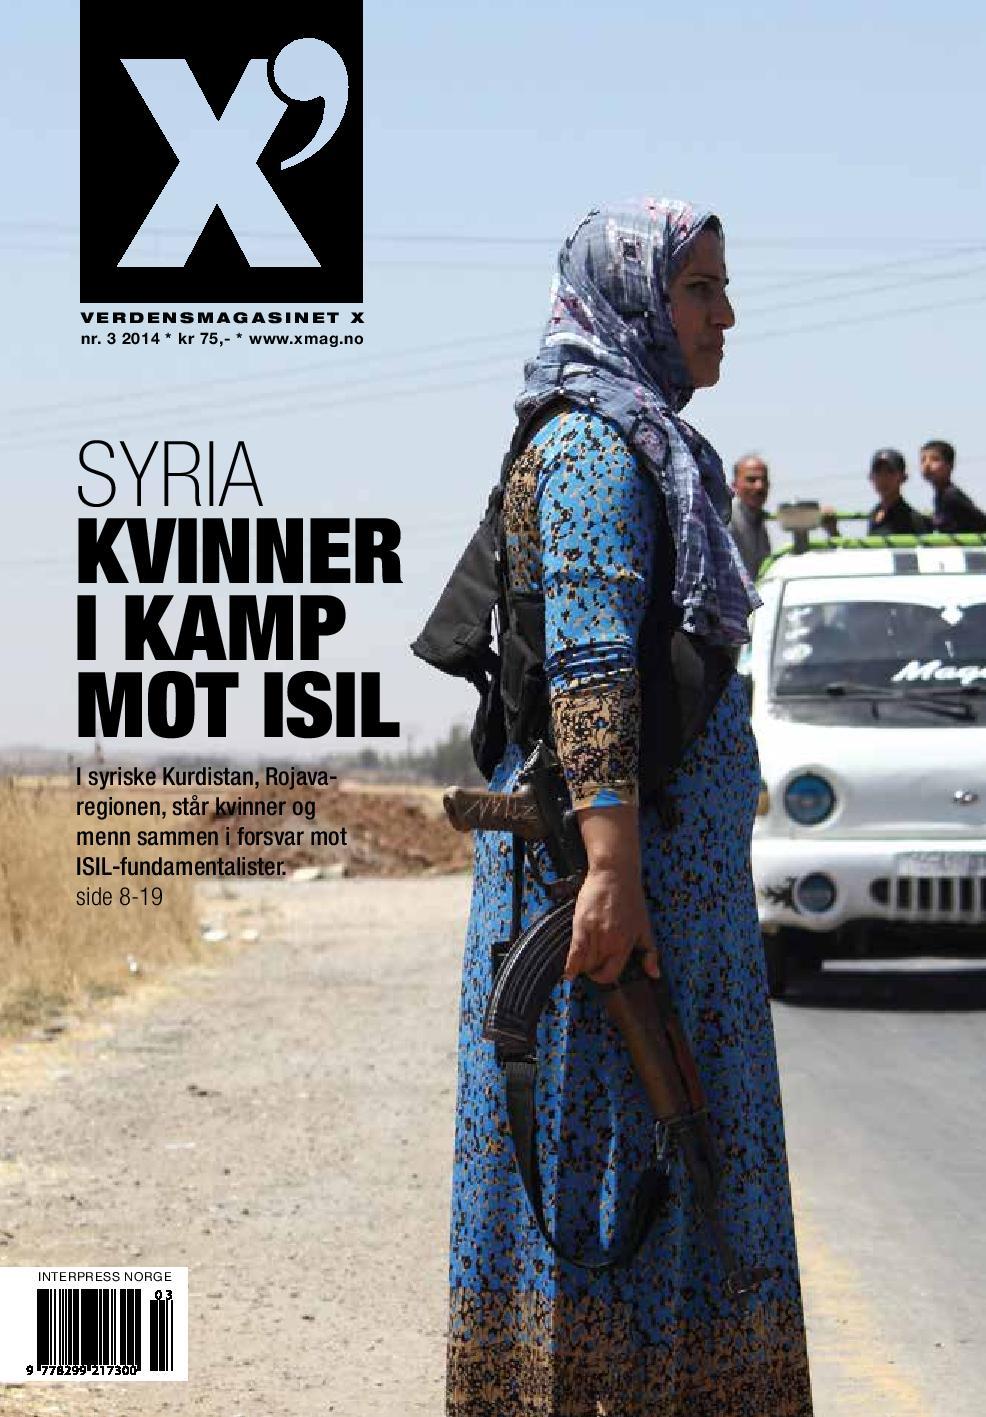 Kvinner i kamp mot Isil, X Mag